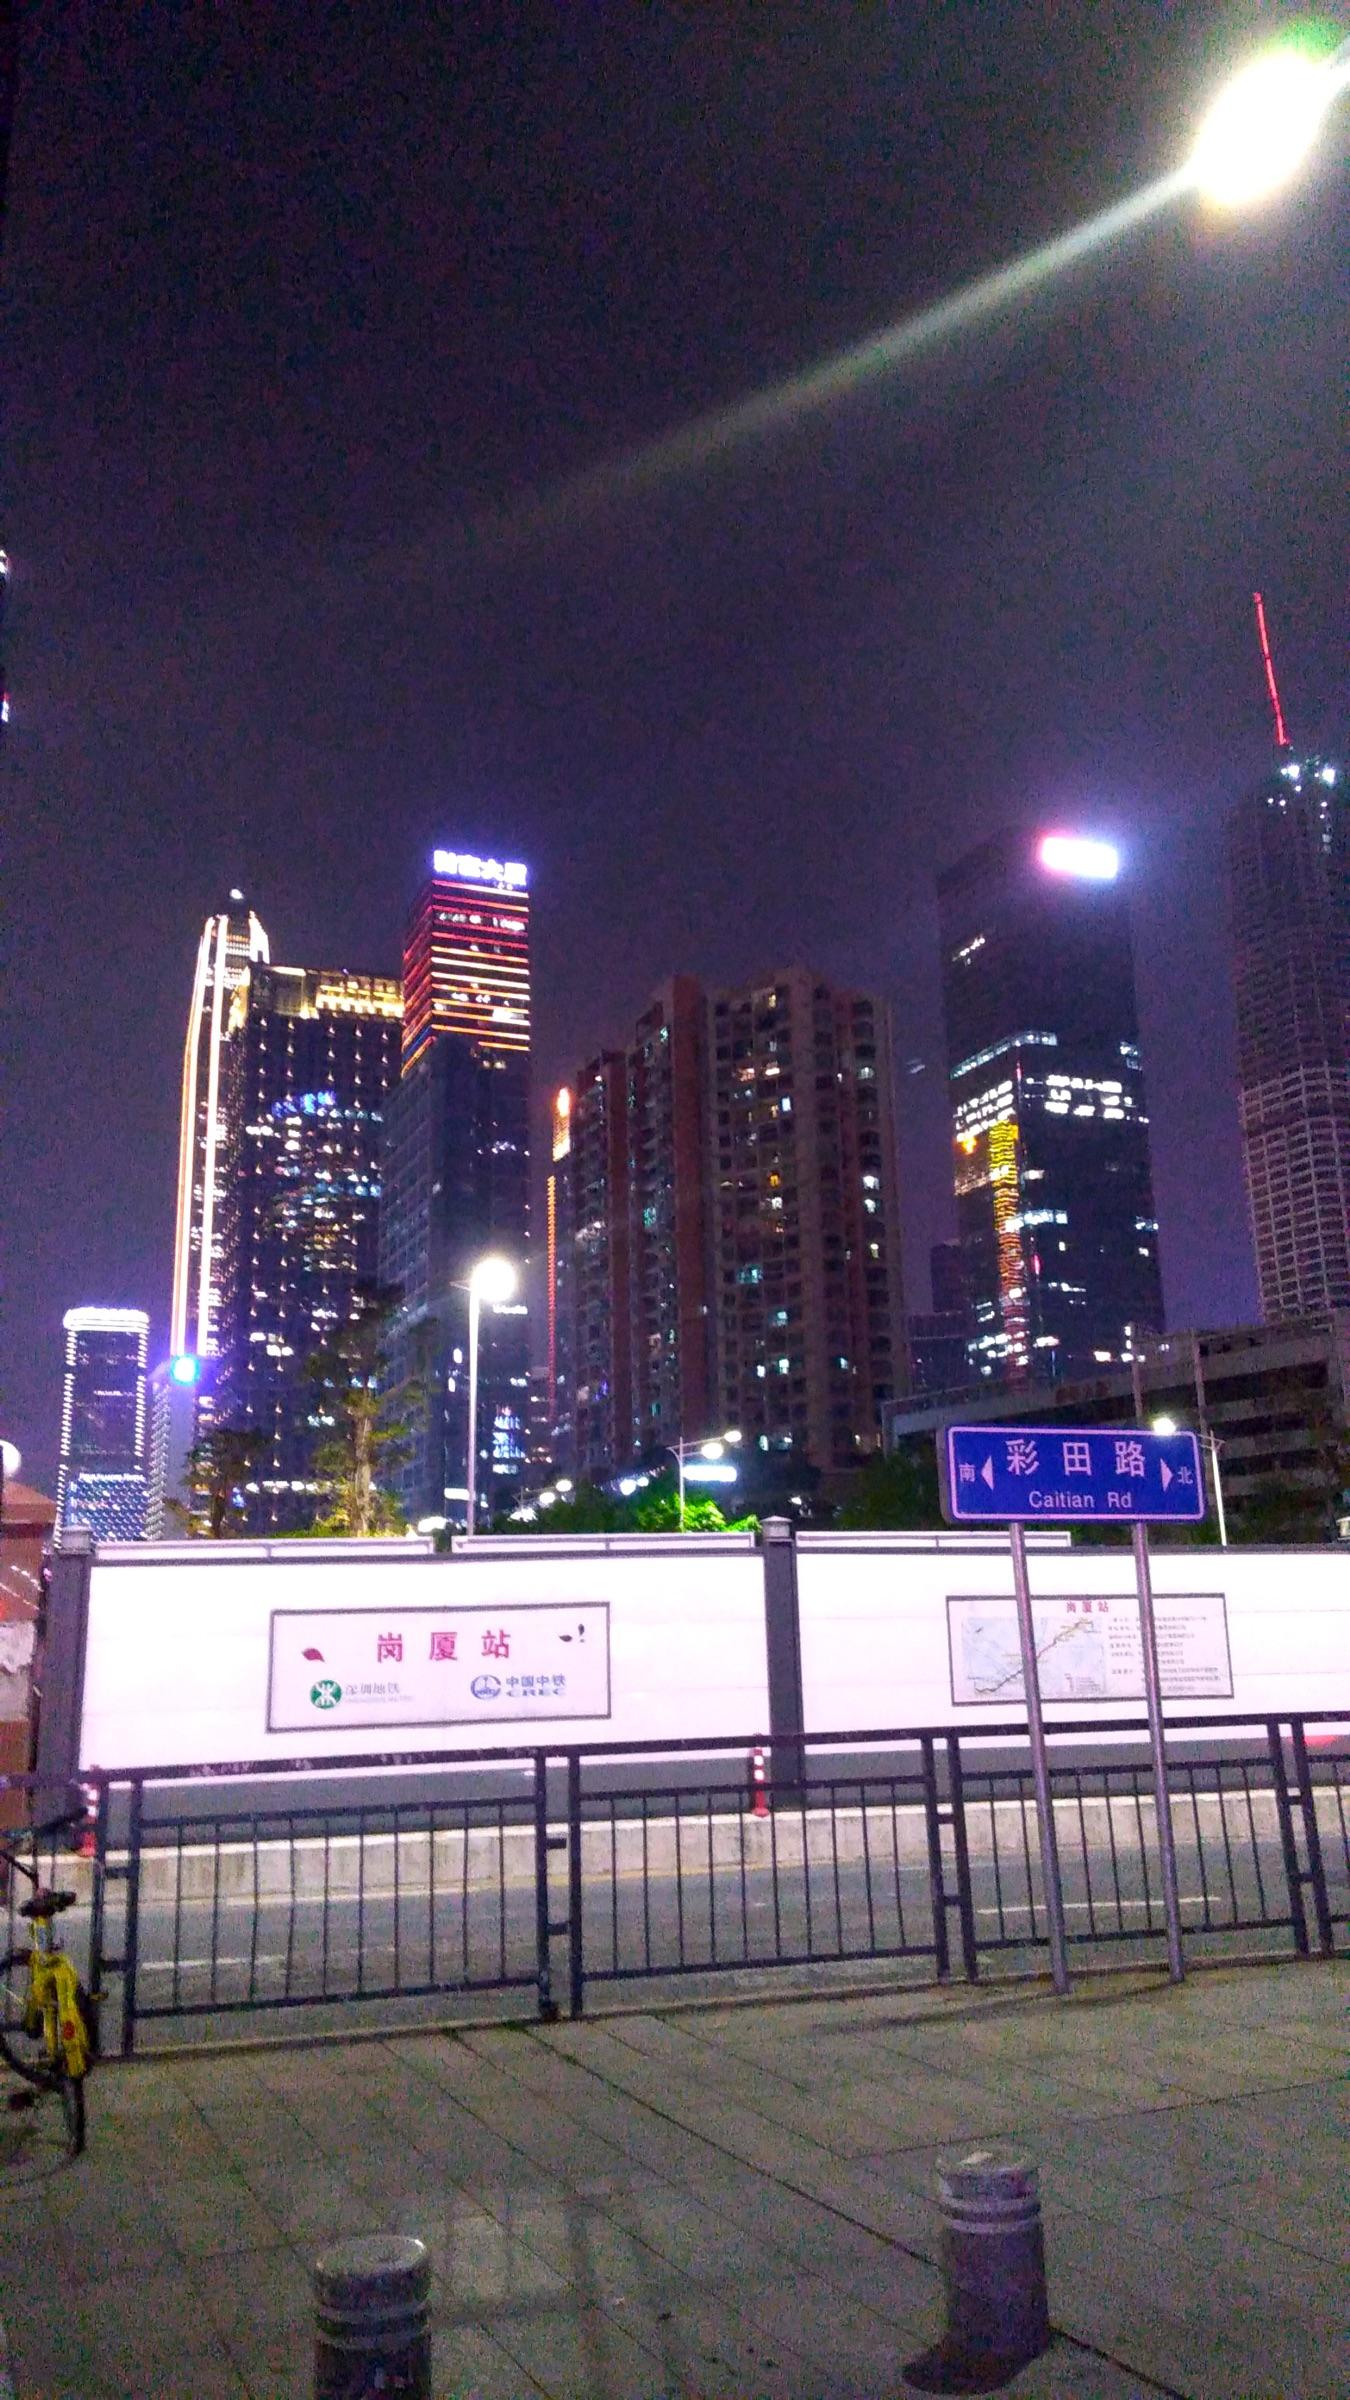 中国 深セン 福田 夜景1 Shenzhen Futian_[0]